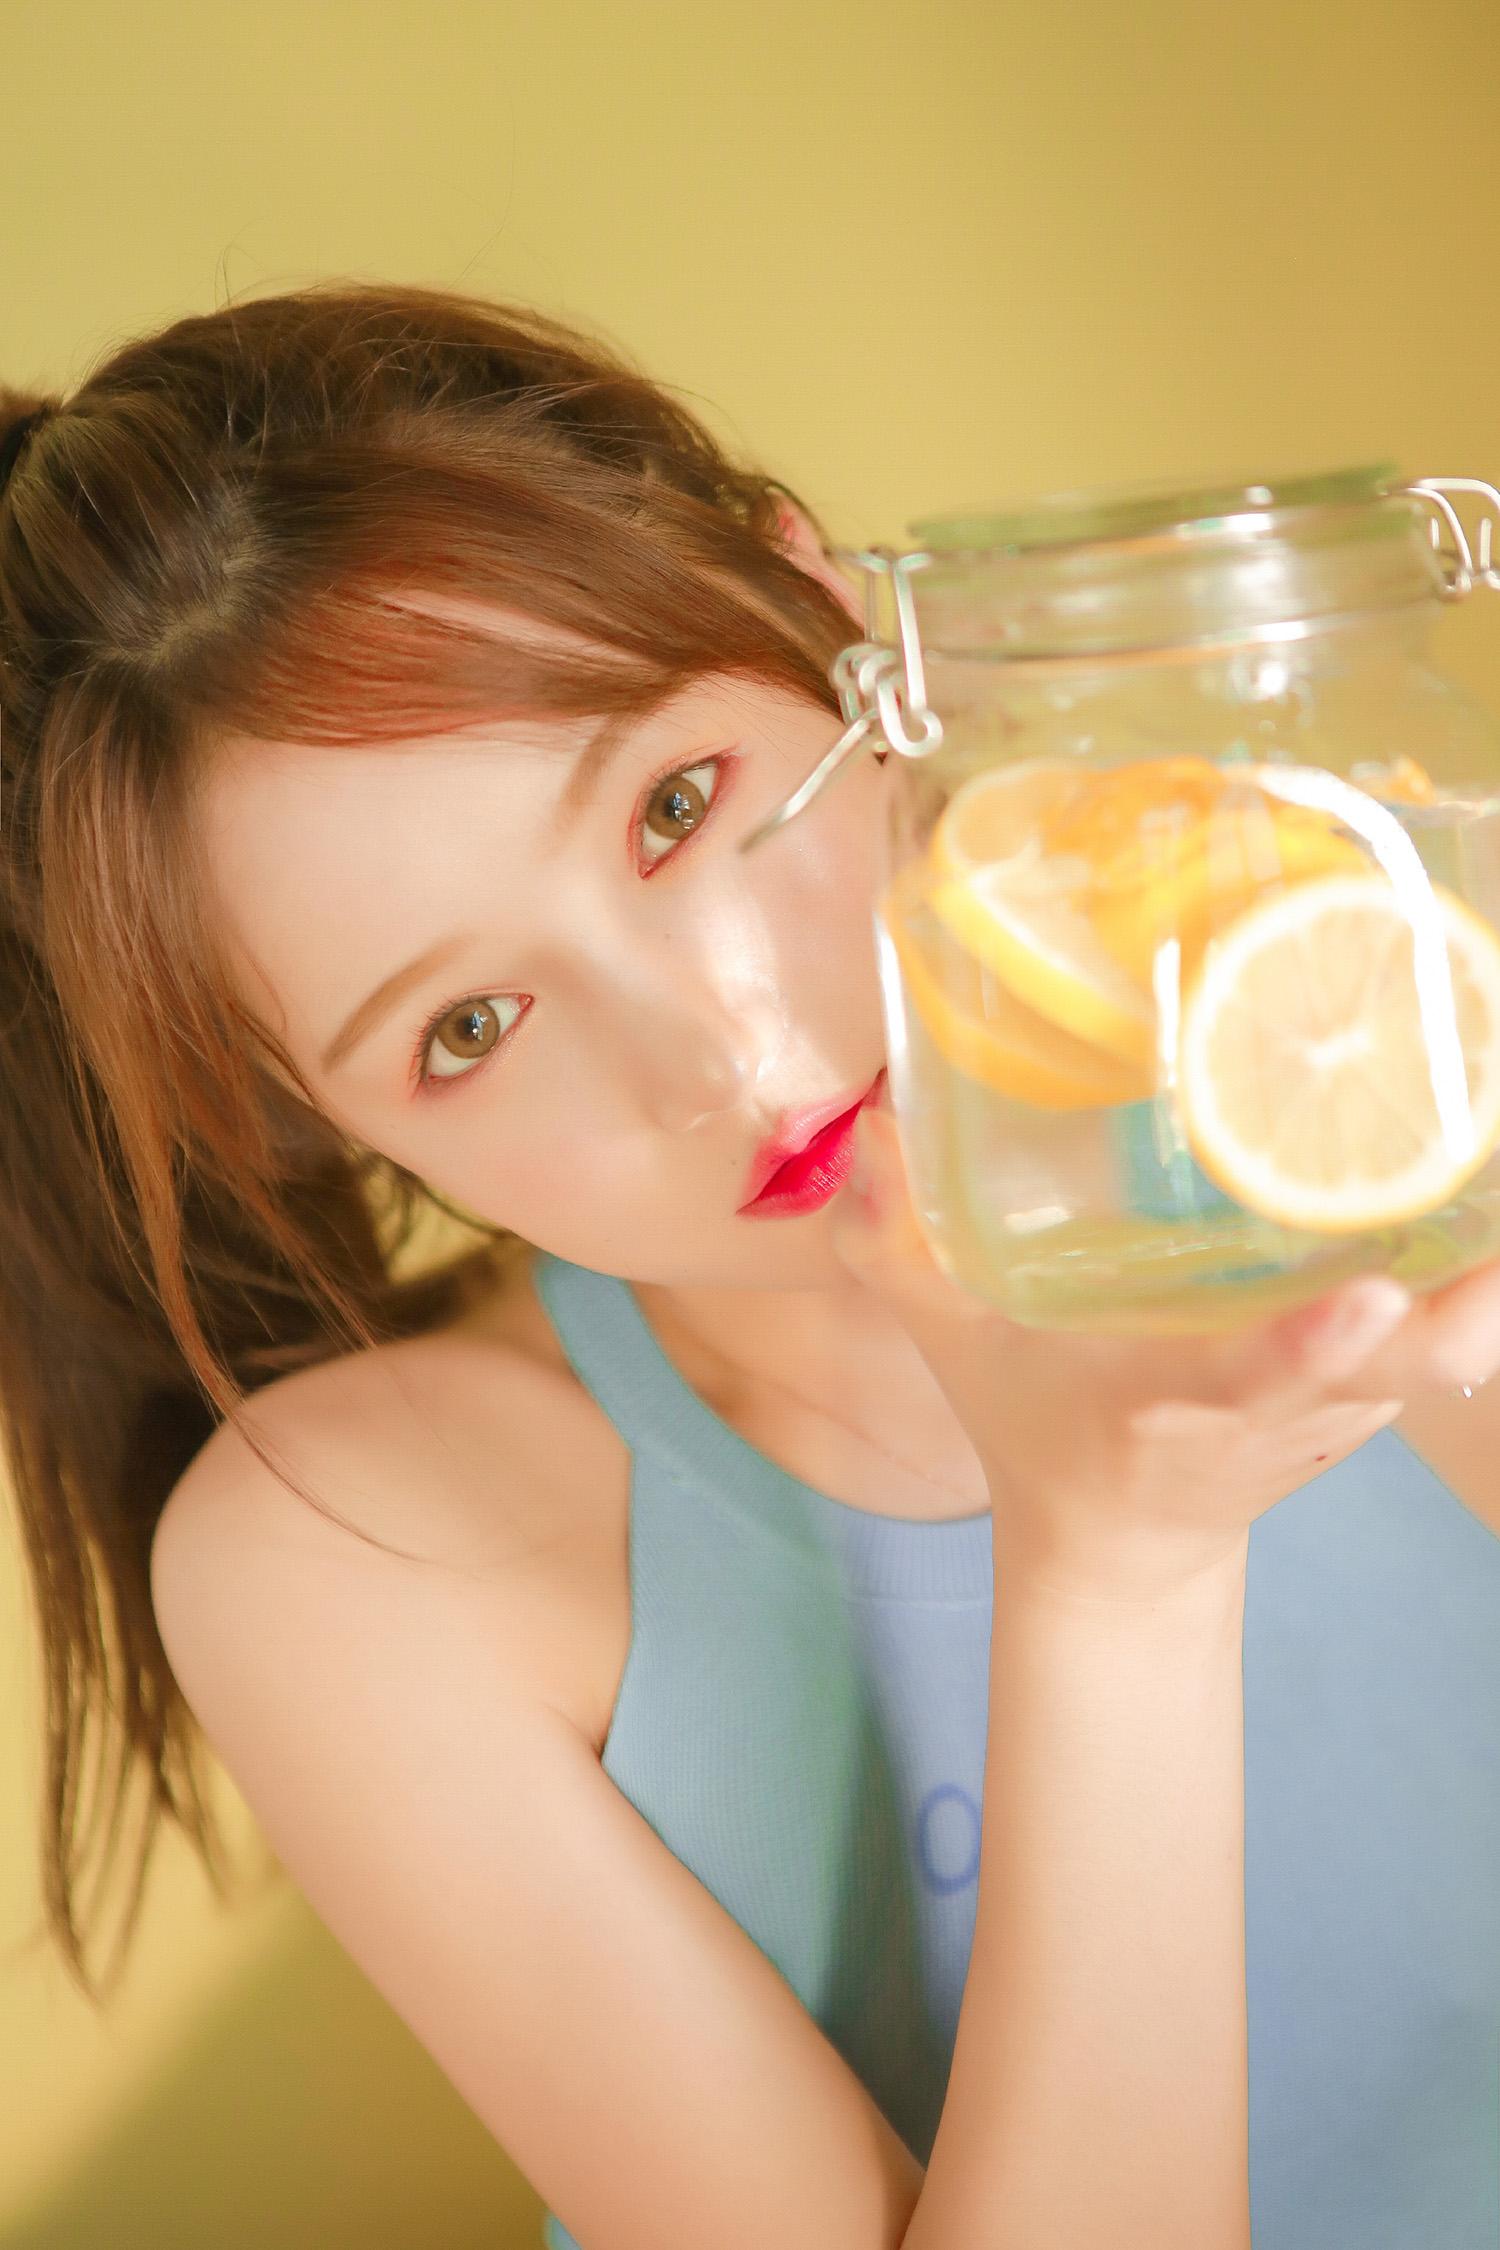 柠檬味的夏天和柠檬味的你